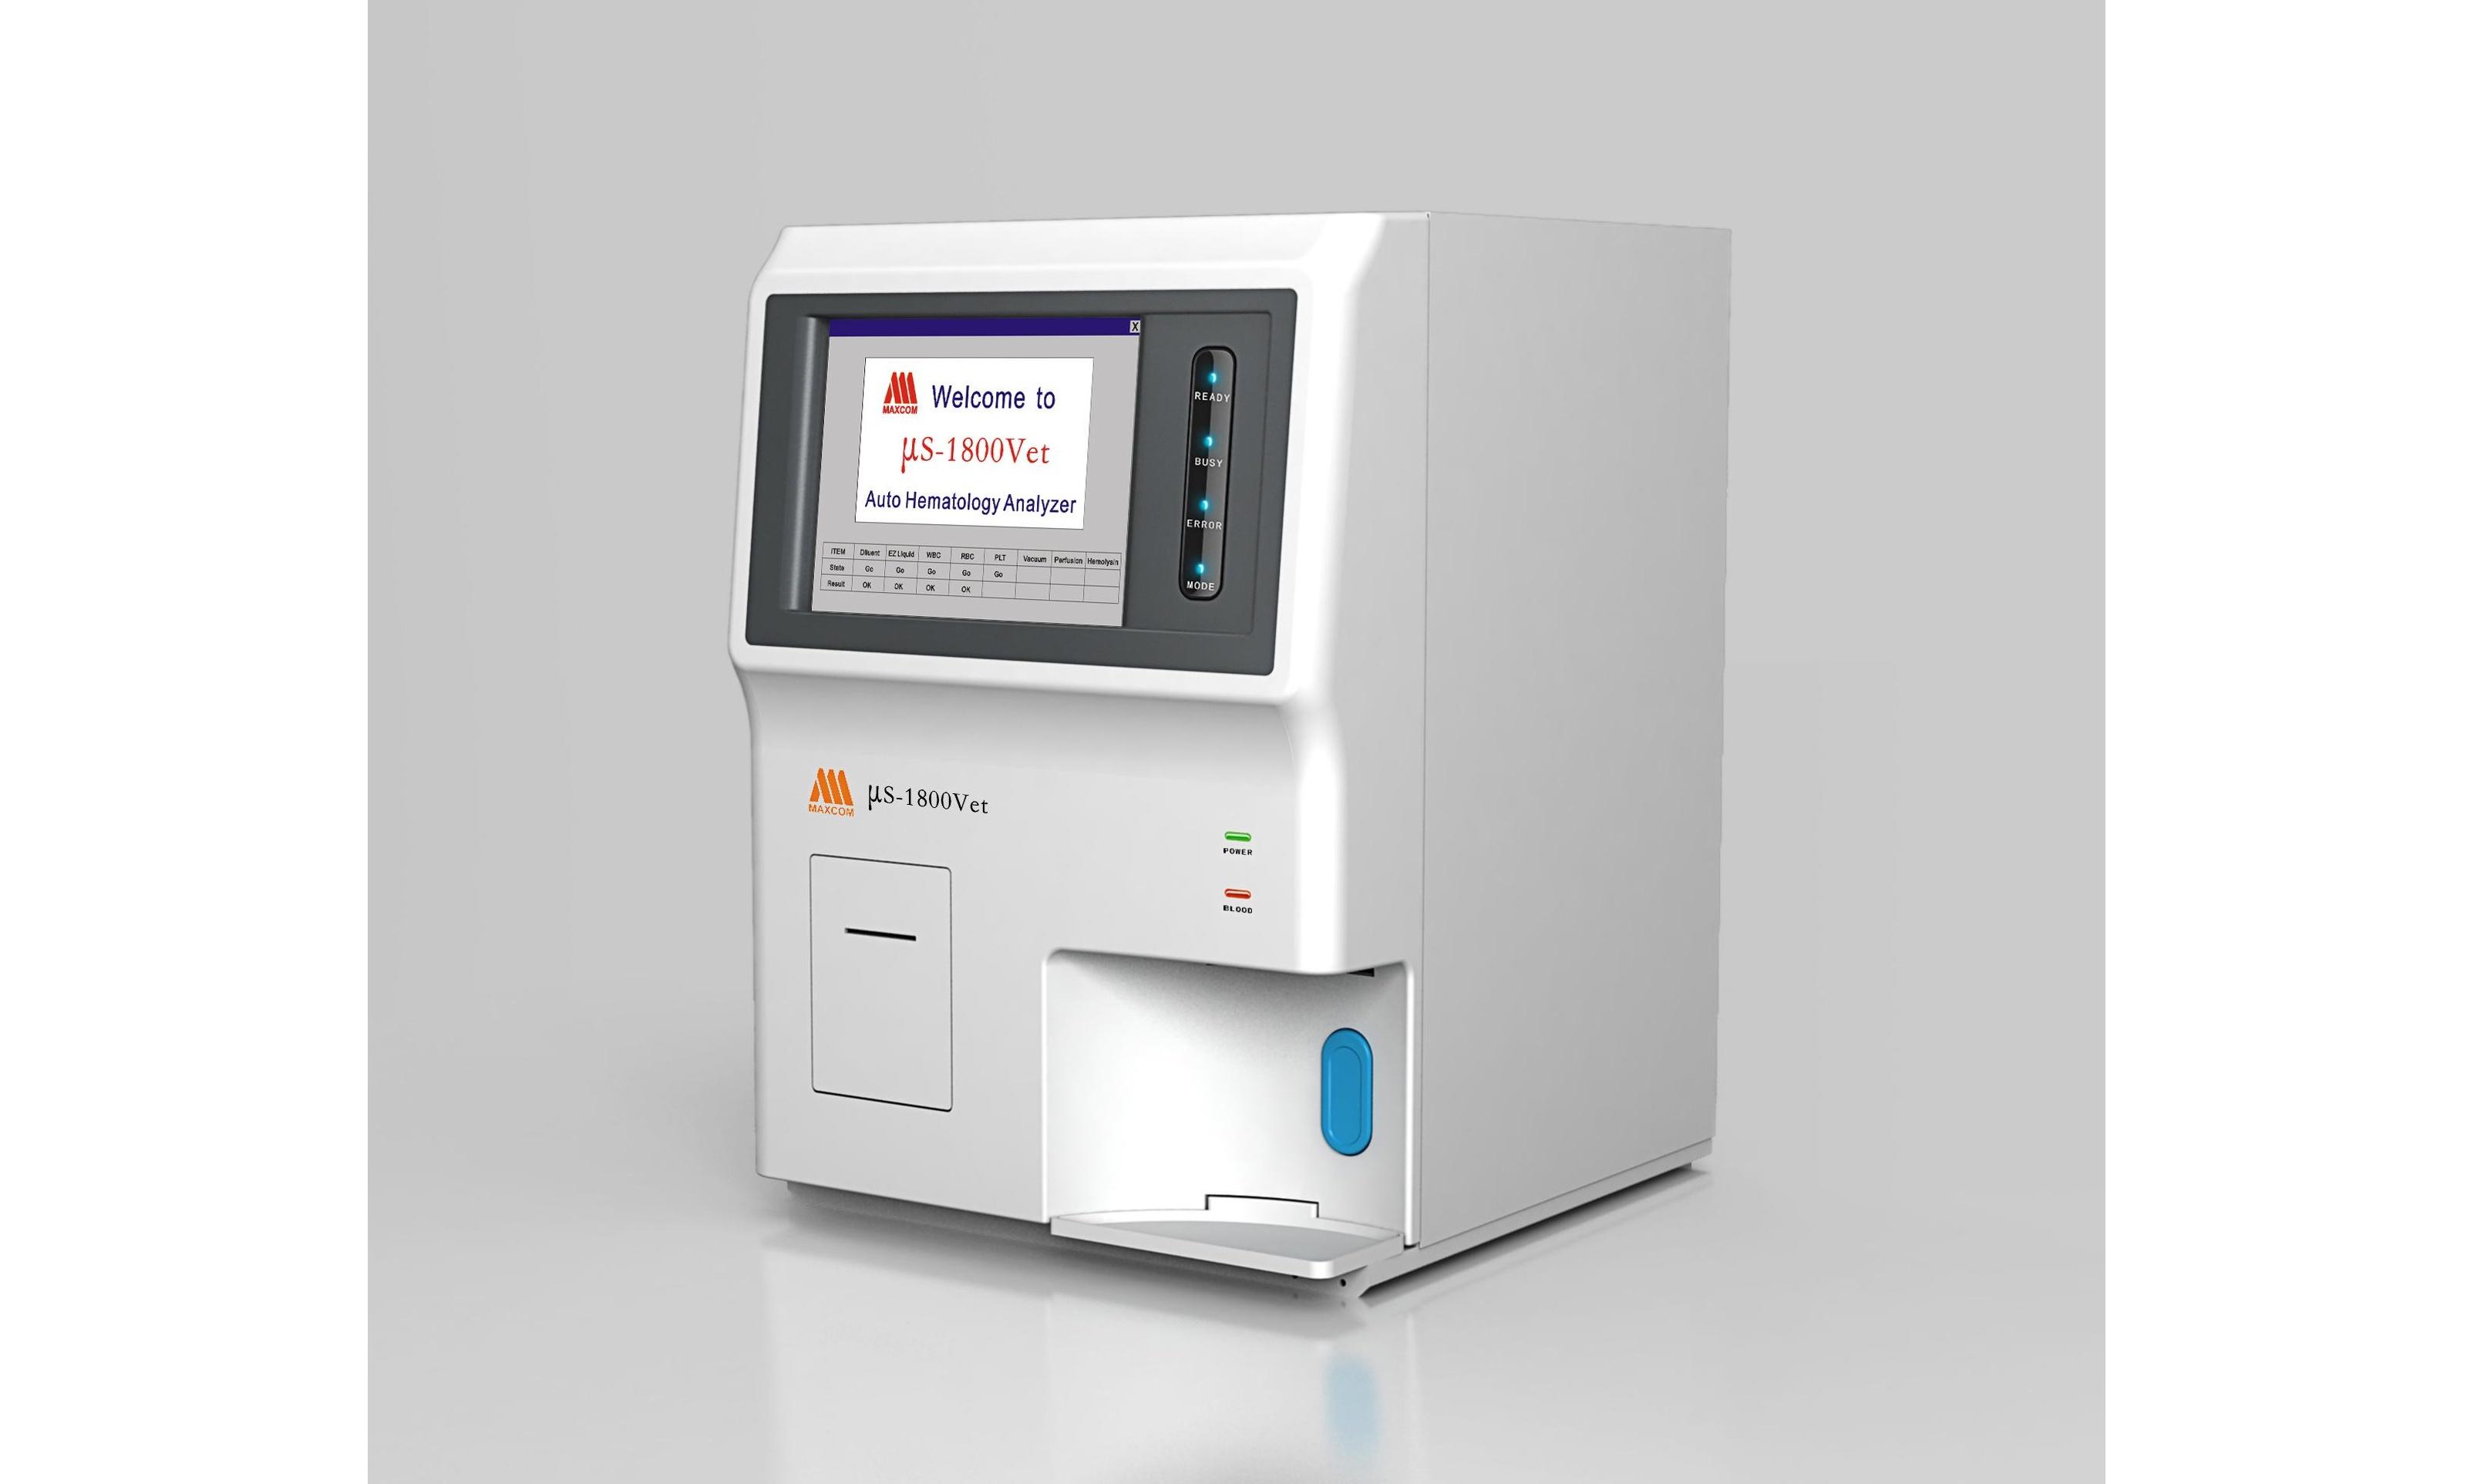 瑞丽市中医傣医医院五分类血液分析仪等仪器设备采购项目招标